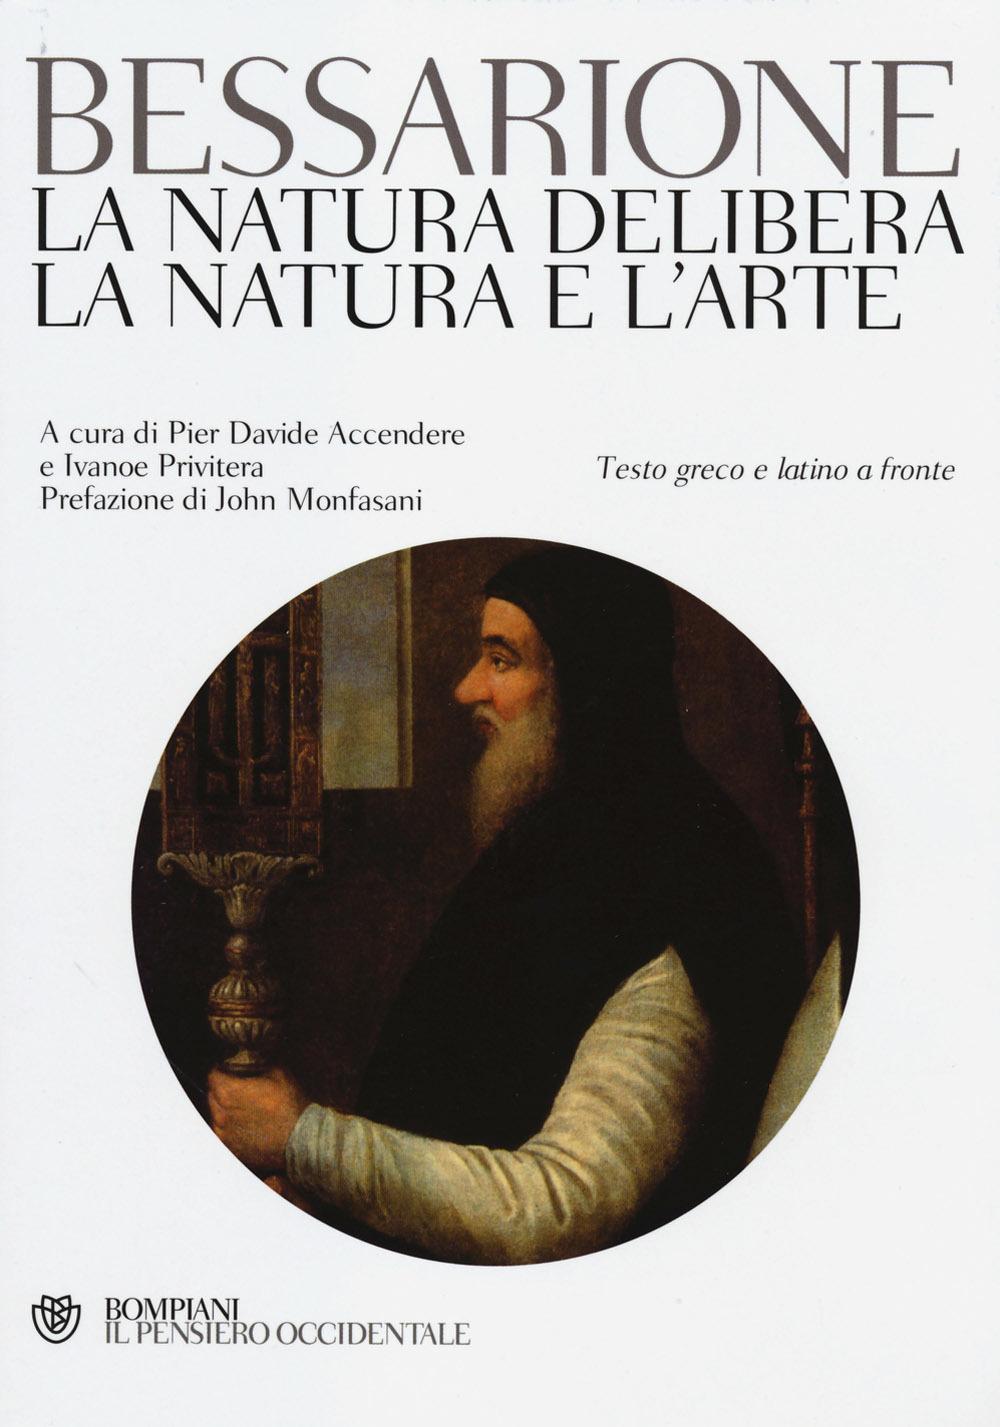 Image of La natura delibera-La natura e l'arte. Testo greco e latino a fronte